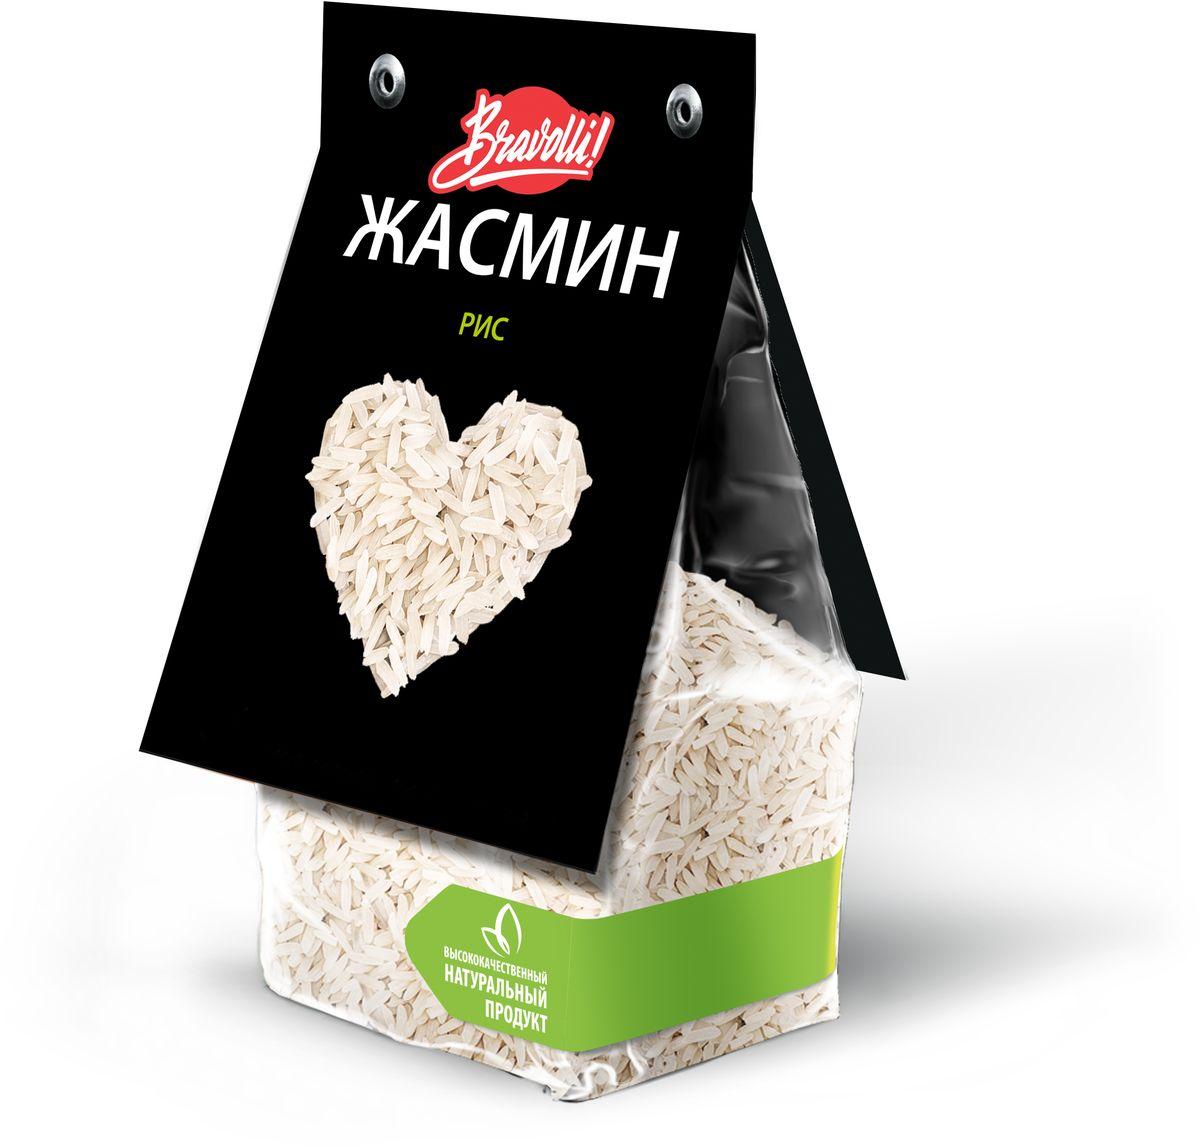 Bravolli Жасмин рис, 350 г bravolli басмати рис 500 г